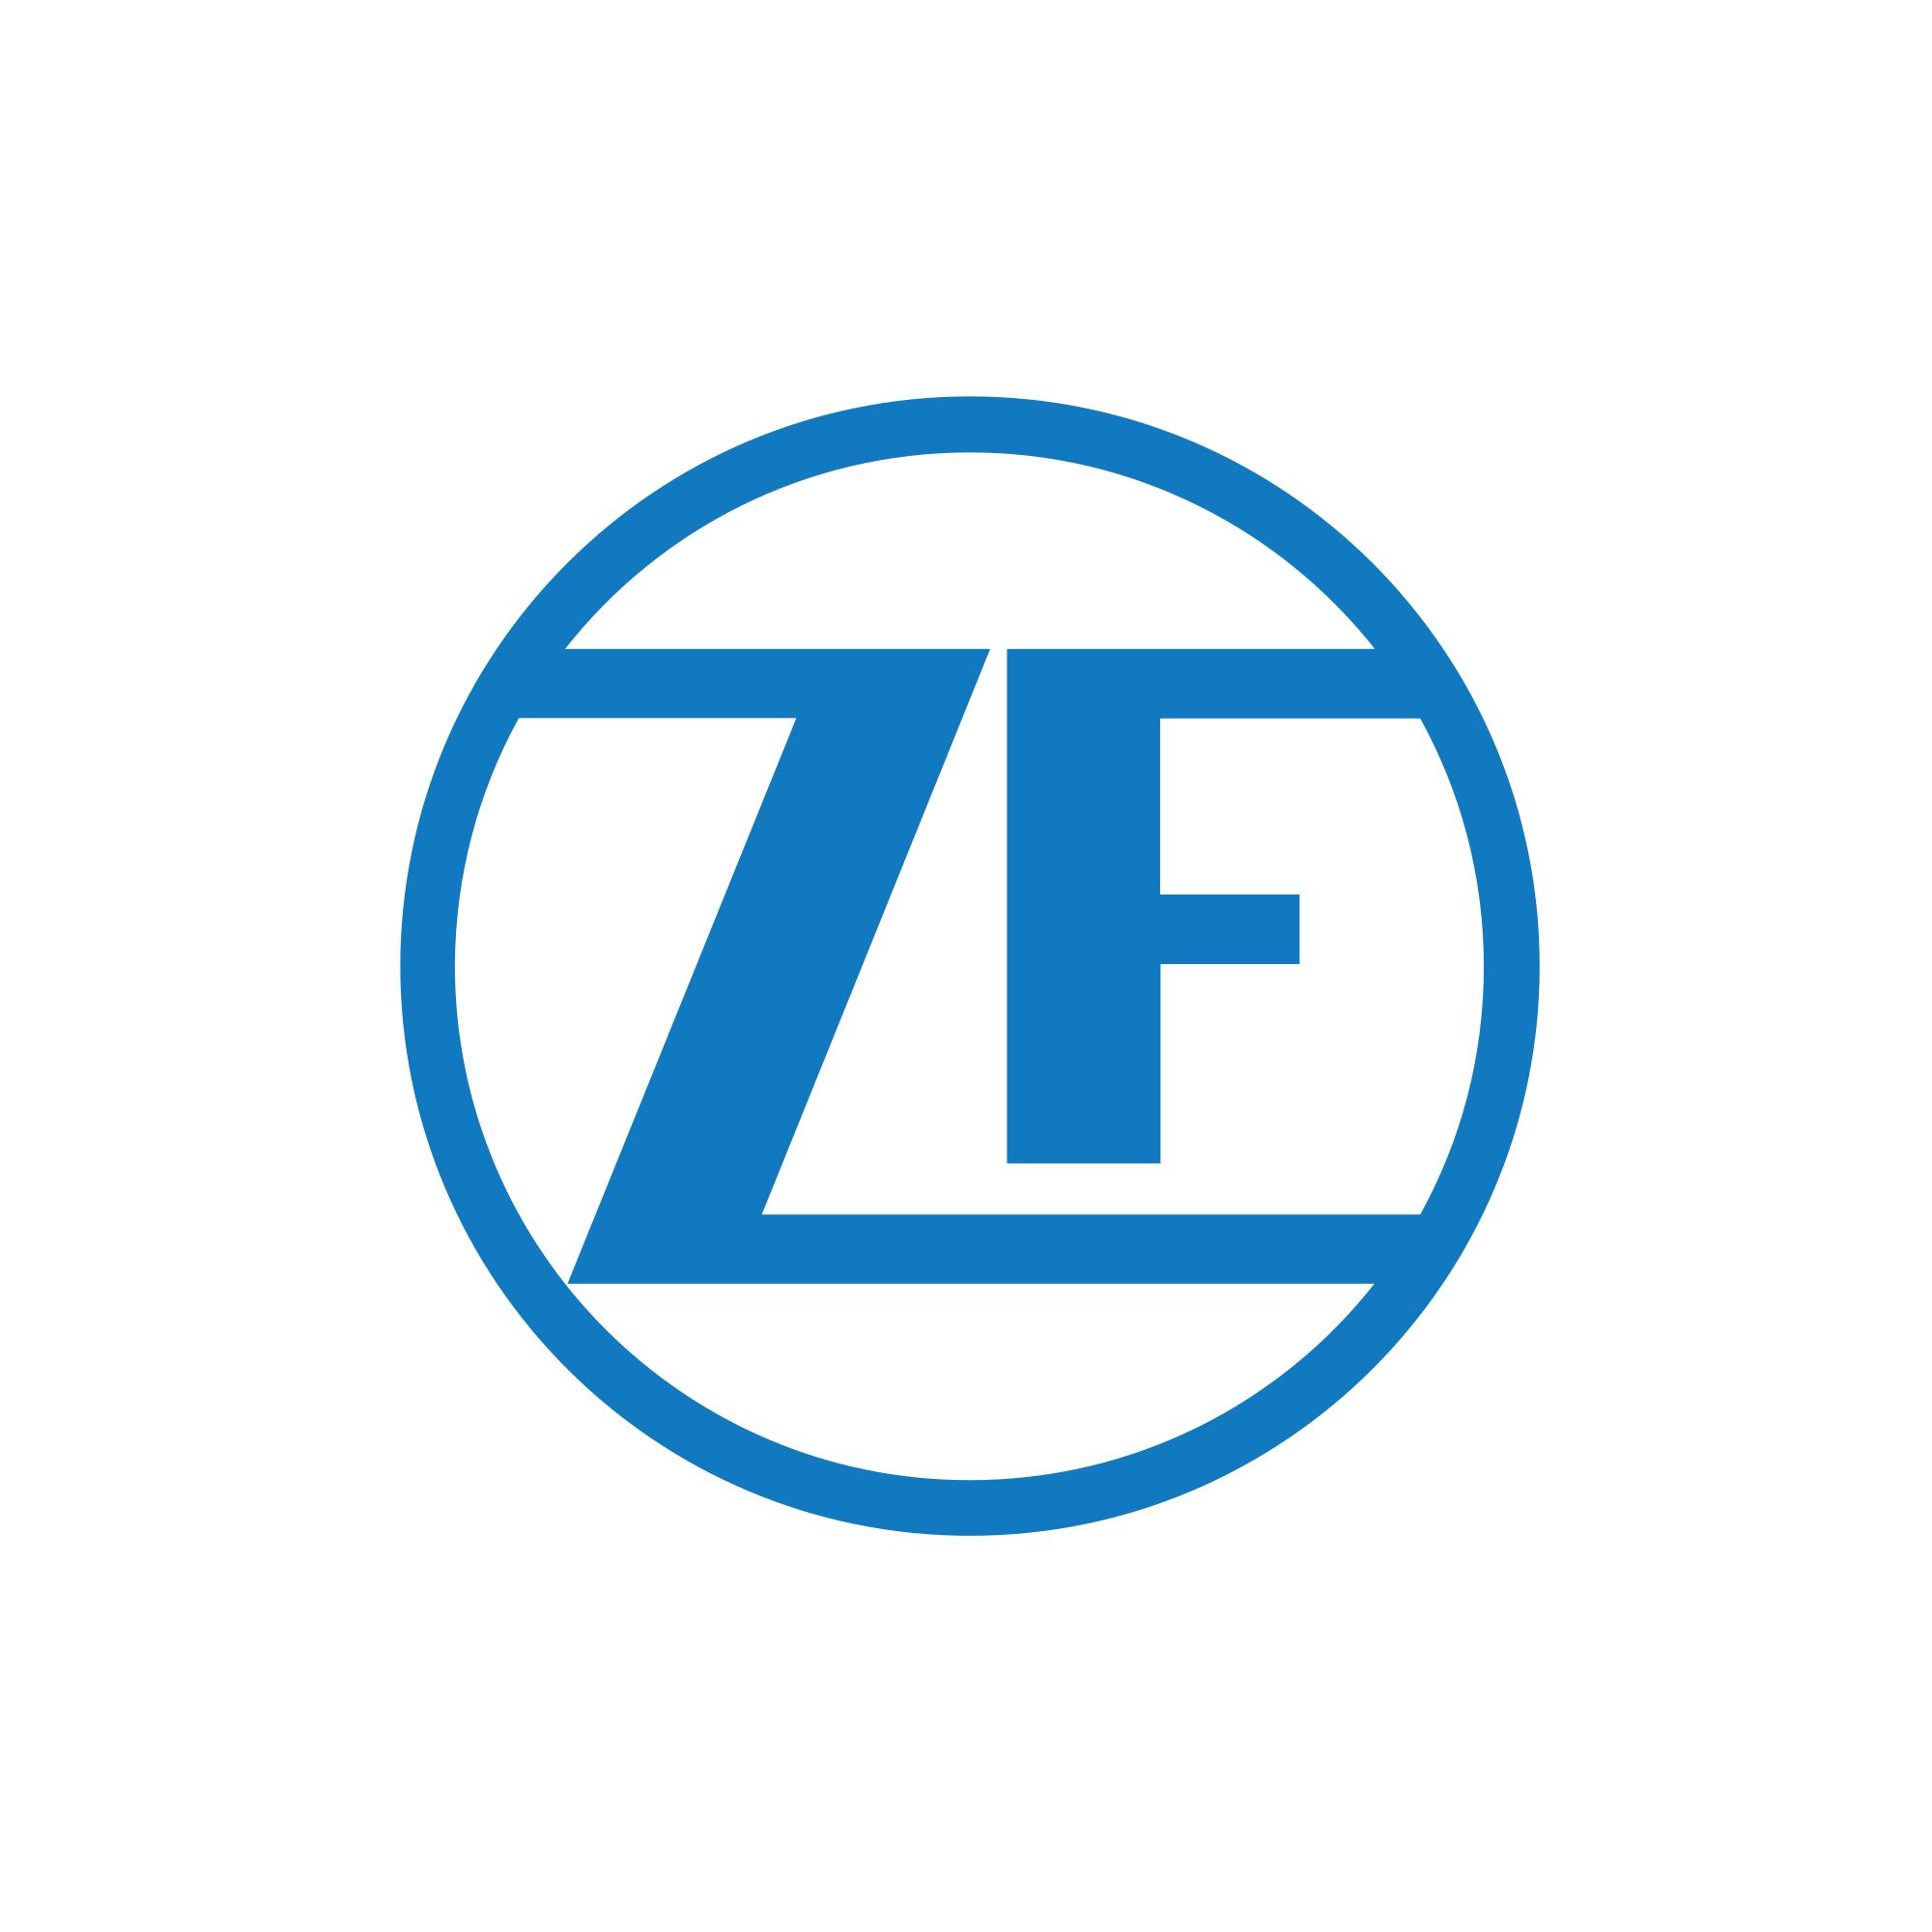 ZF couleur